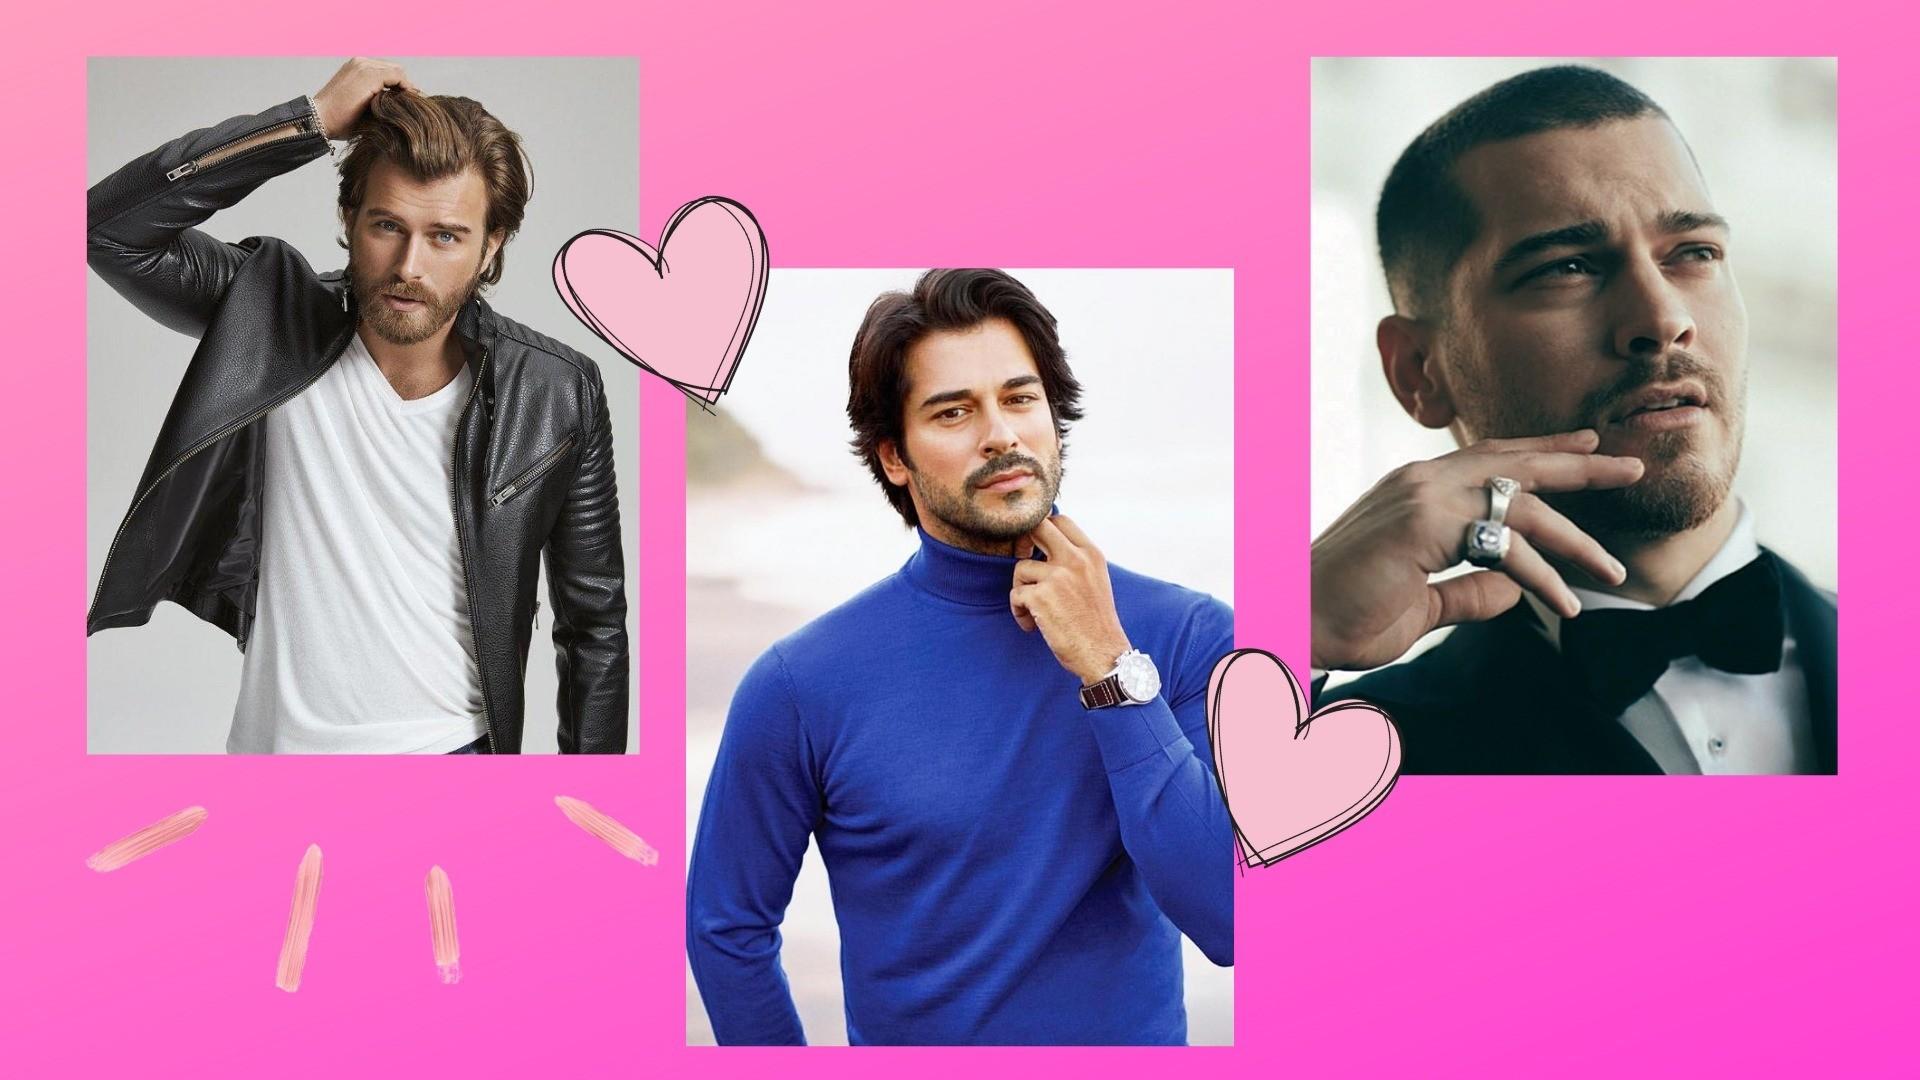 Топ-9 самых привлекательных турецких актеров, которые нравятся всем